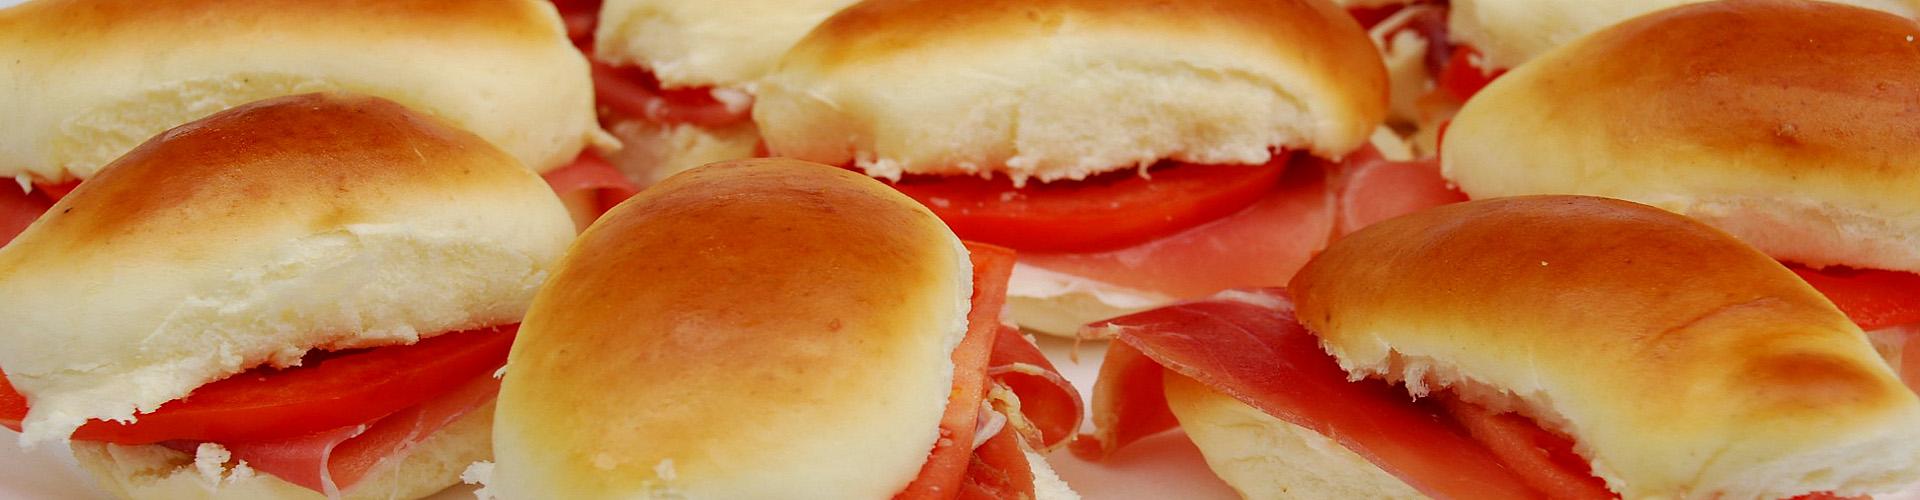 banner-sanwich1